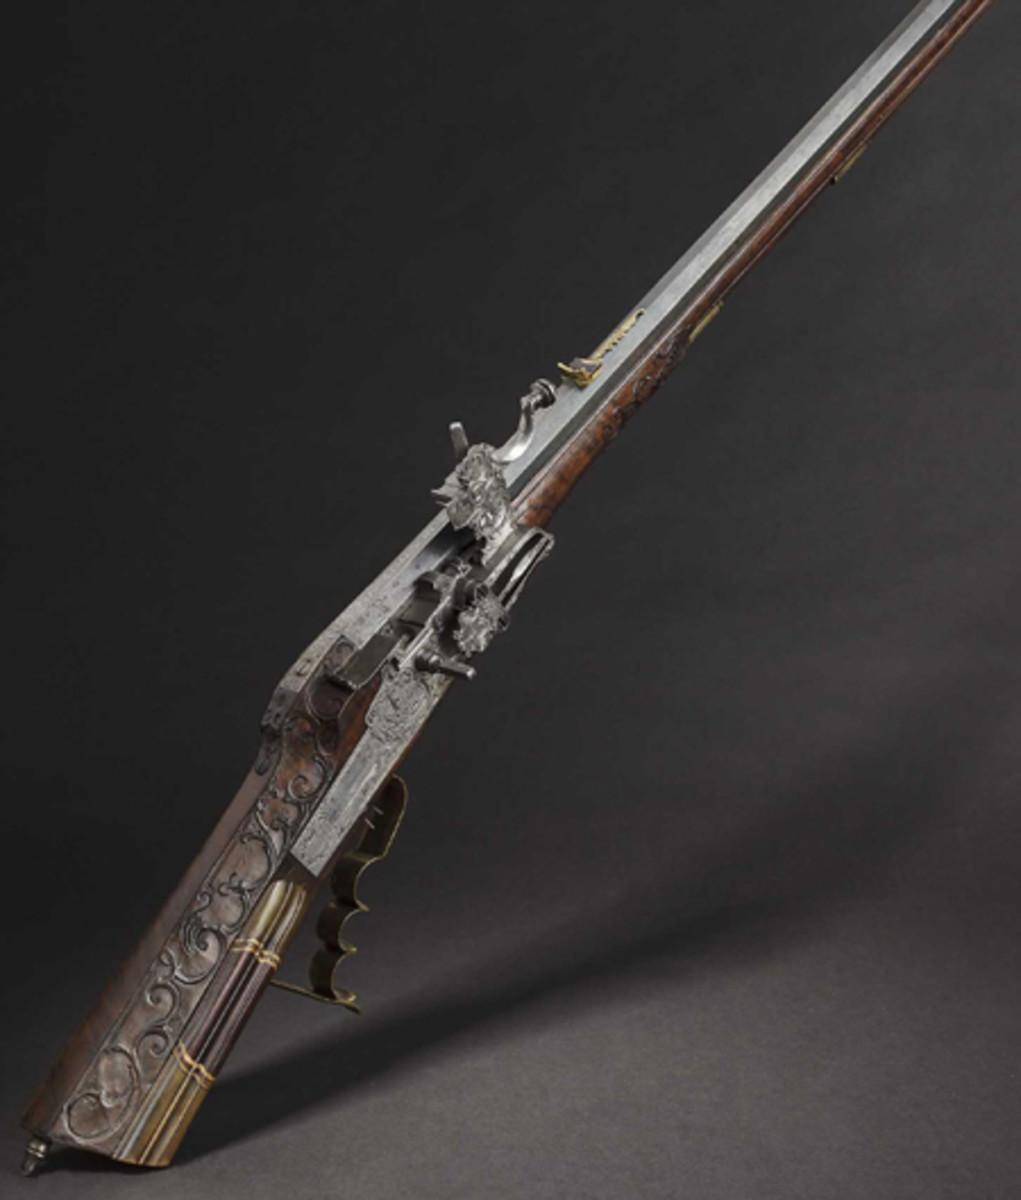 HH_74_chiselled_wheellock_rifle,_Joseph_Kuchenreuter